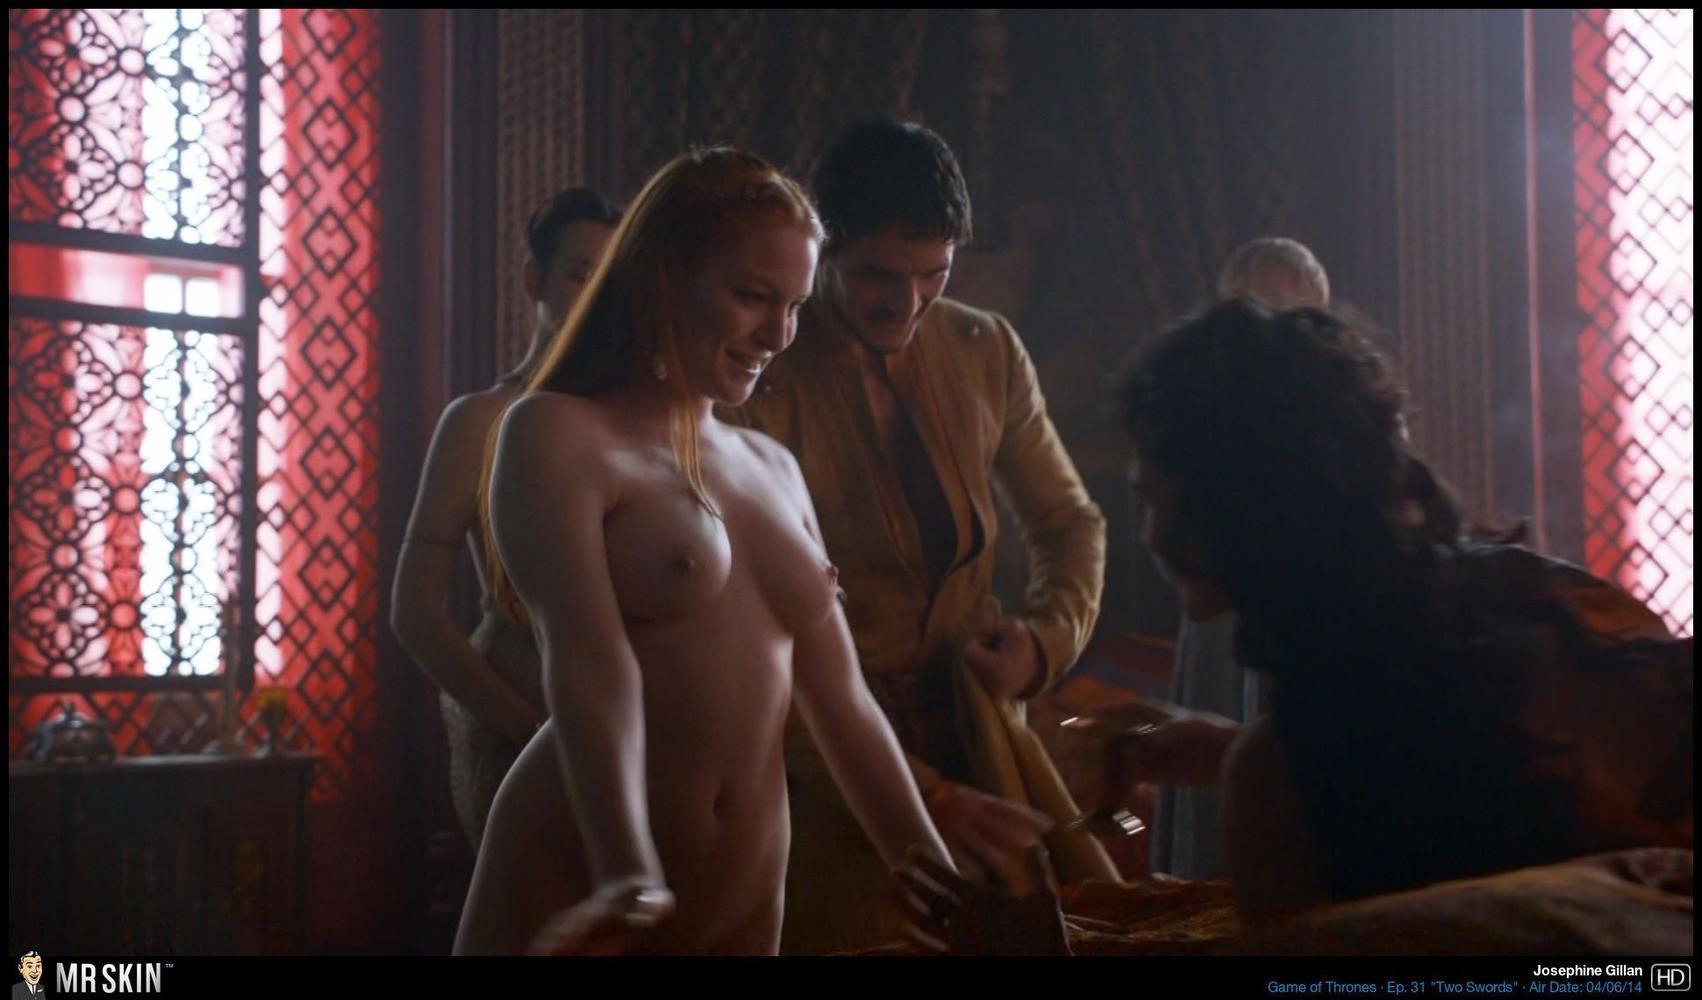 Game of thrones season 4 nudity